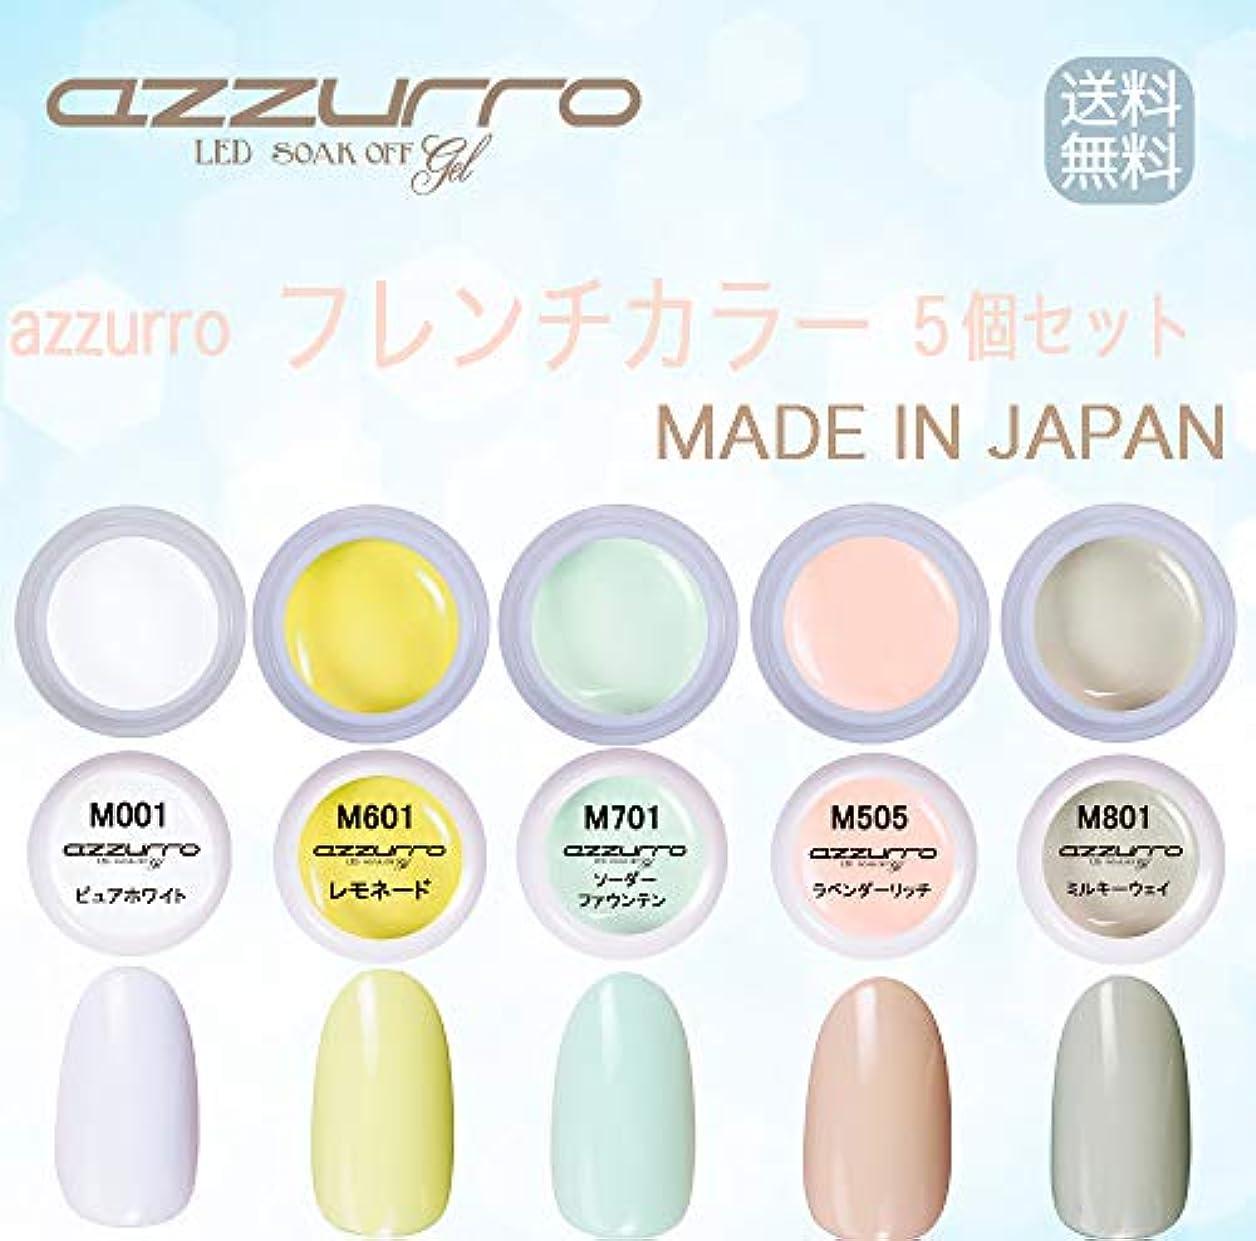 噴水かまど噂【送料無料】日本製 azzurro gel フレンチカラージェル5個セット 春にピッタリでかわいいフレンチネイルにピッタリなカラー